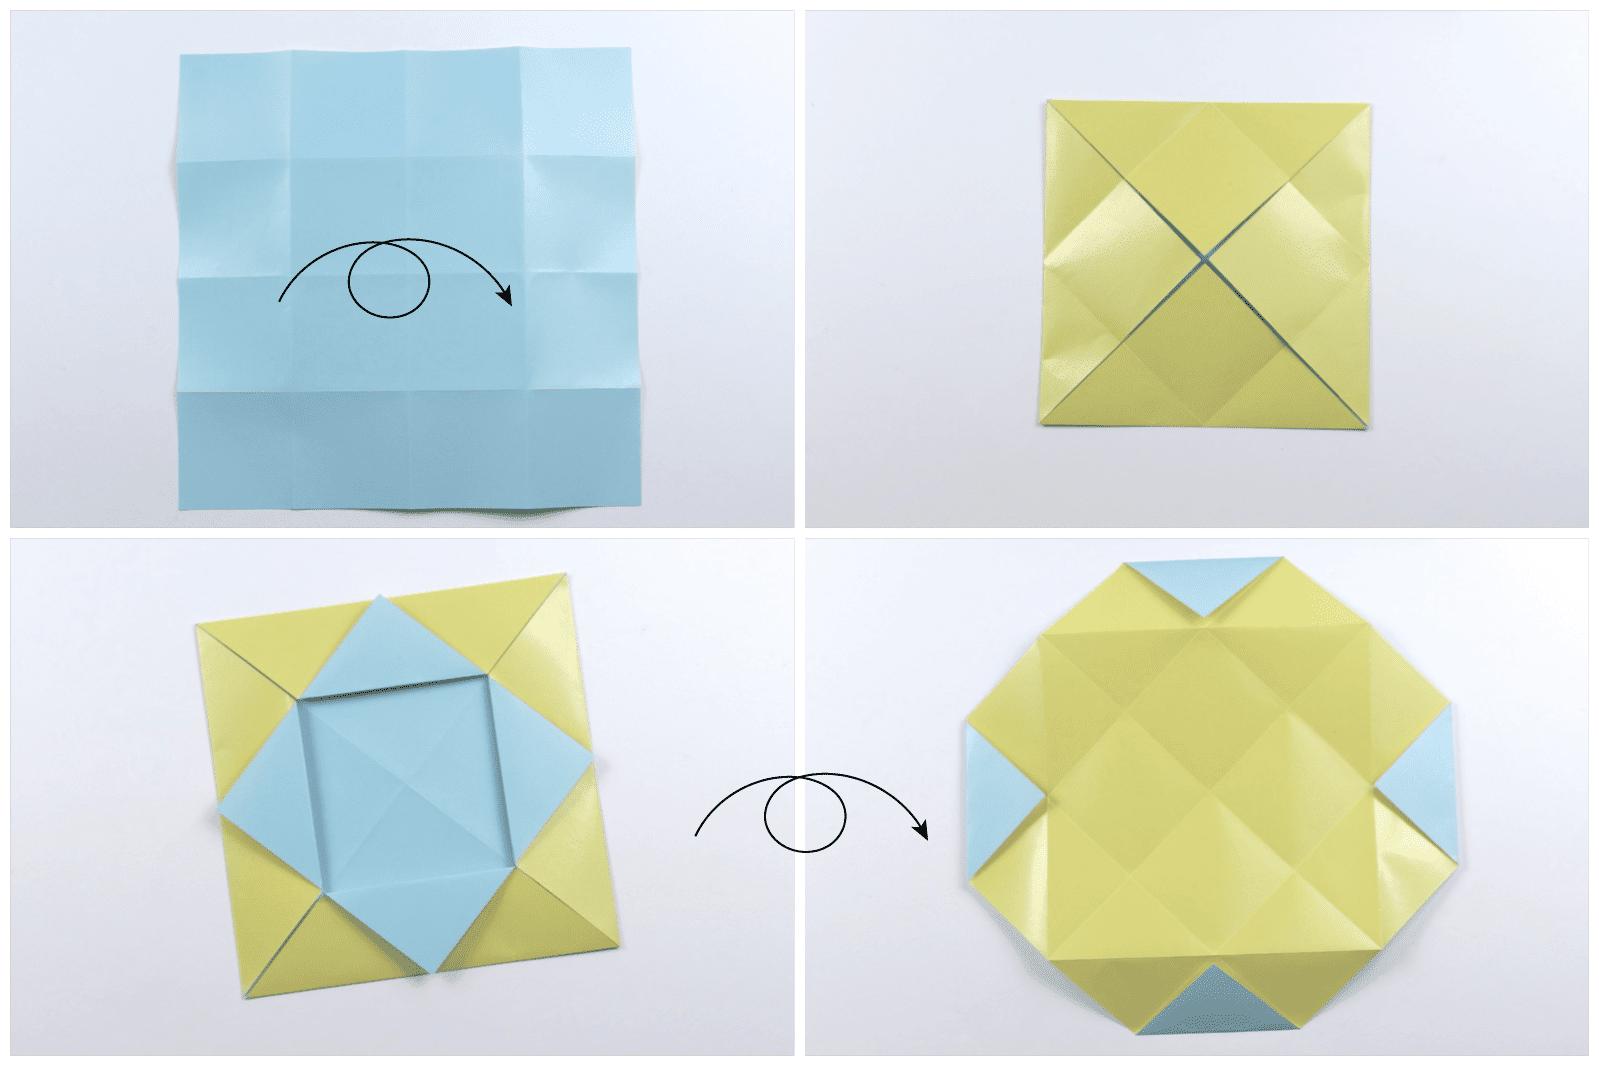 Origami Quilt Artwork Tutorial 02